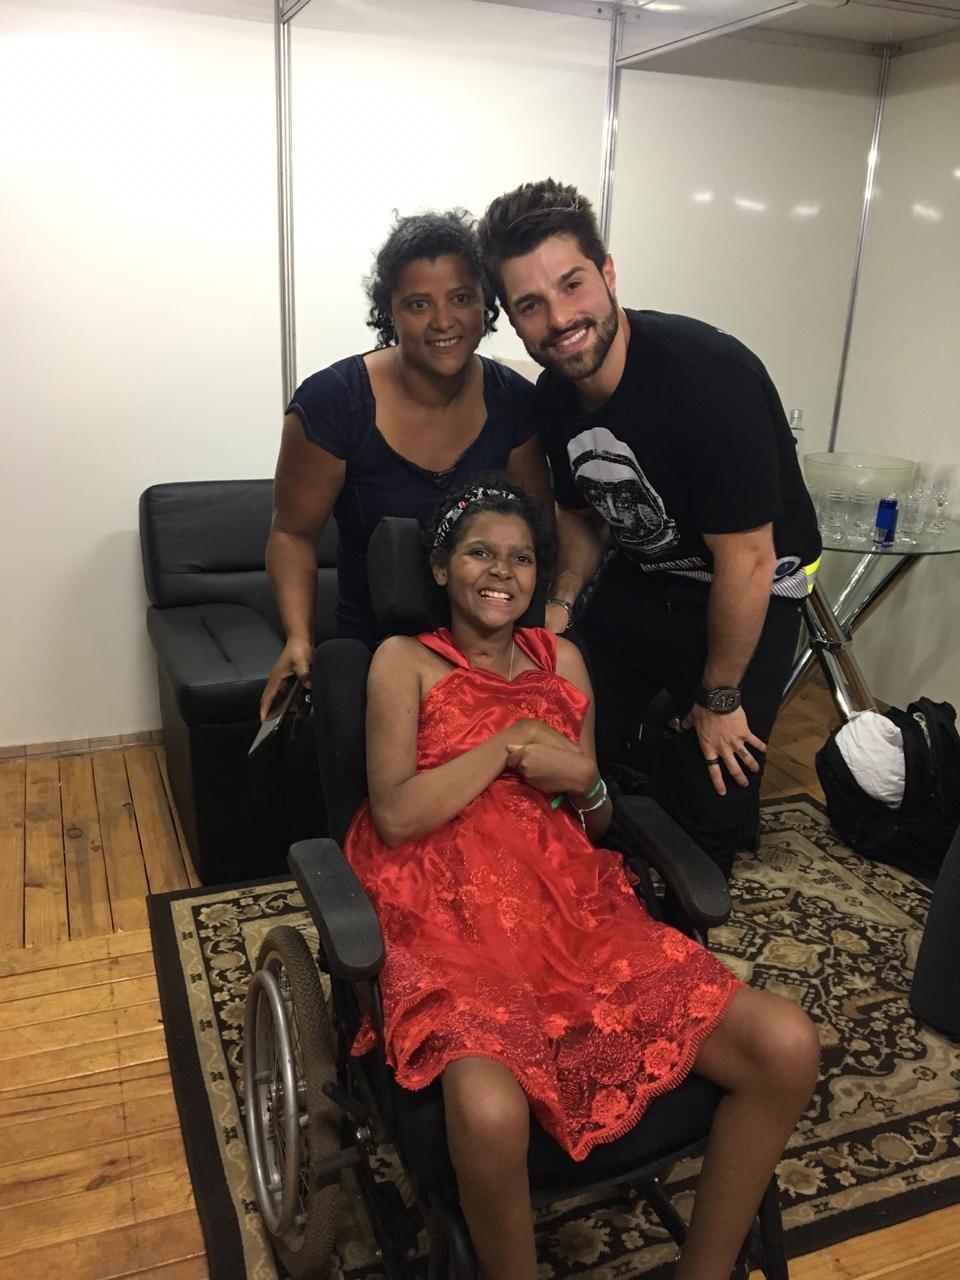 Menina que perdeu os movimentos do corpo aos 10 anos realiza sonho e conhece DJ Alok; veja o encontro - Notícias - Plantão Diário